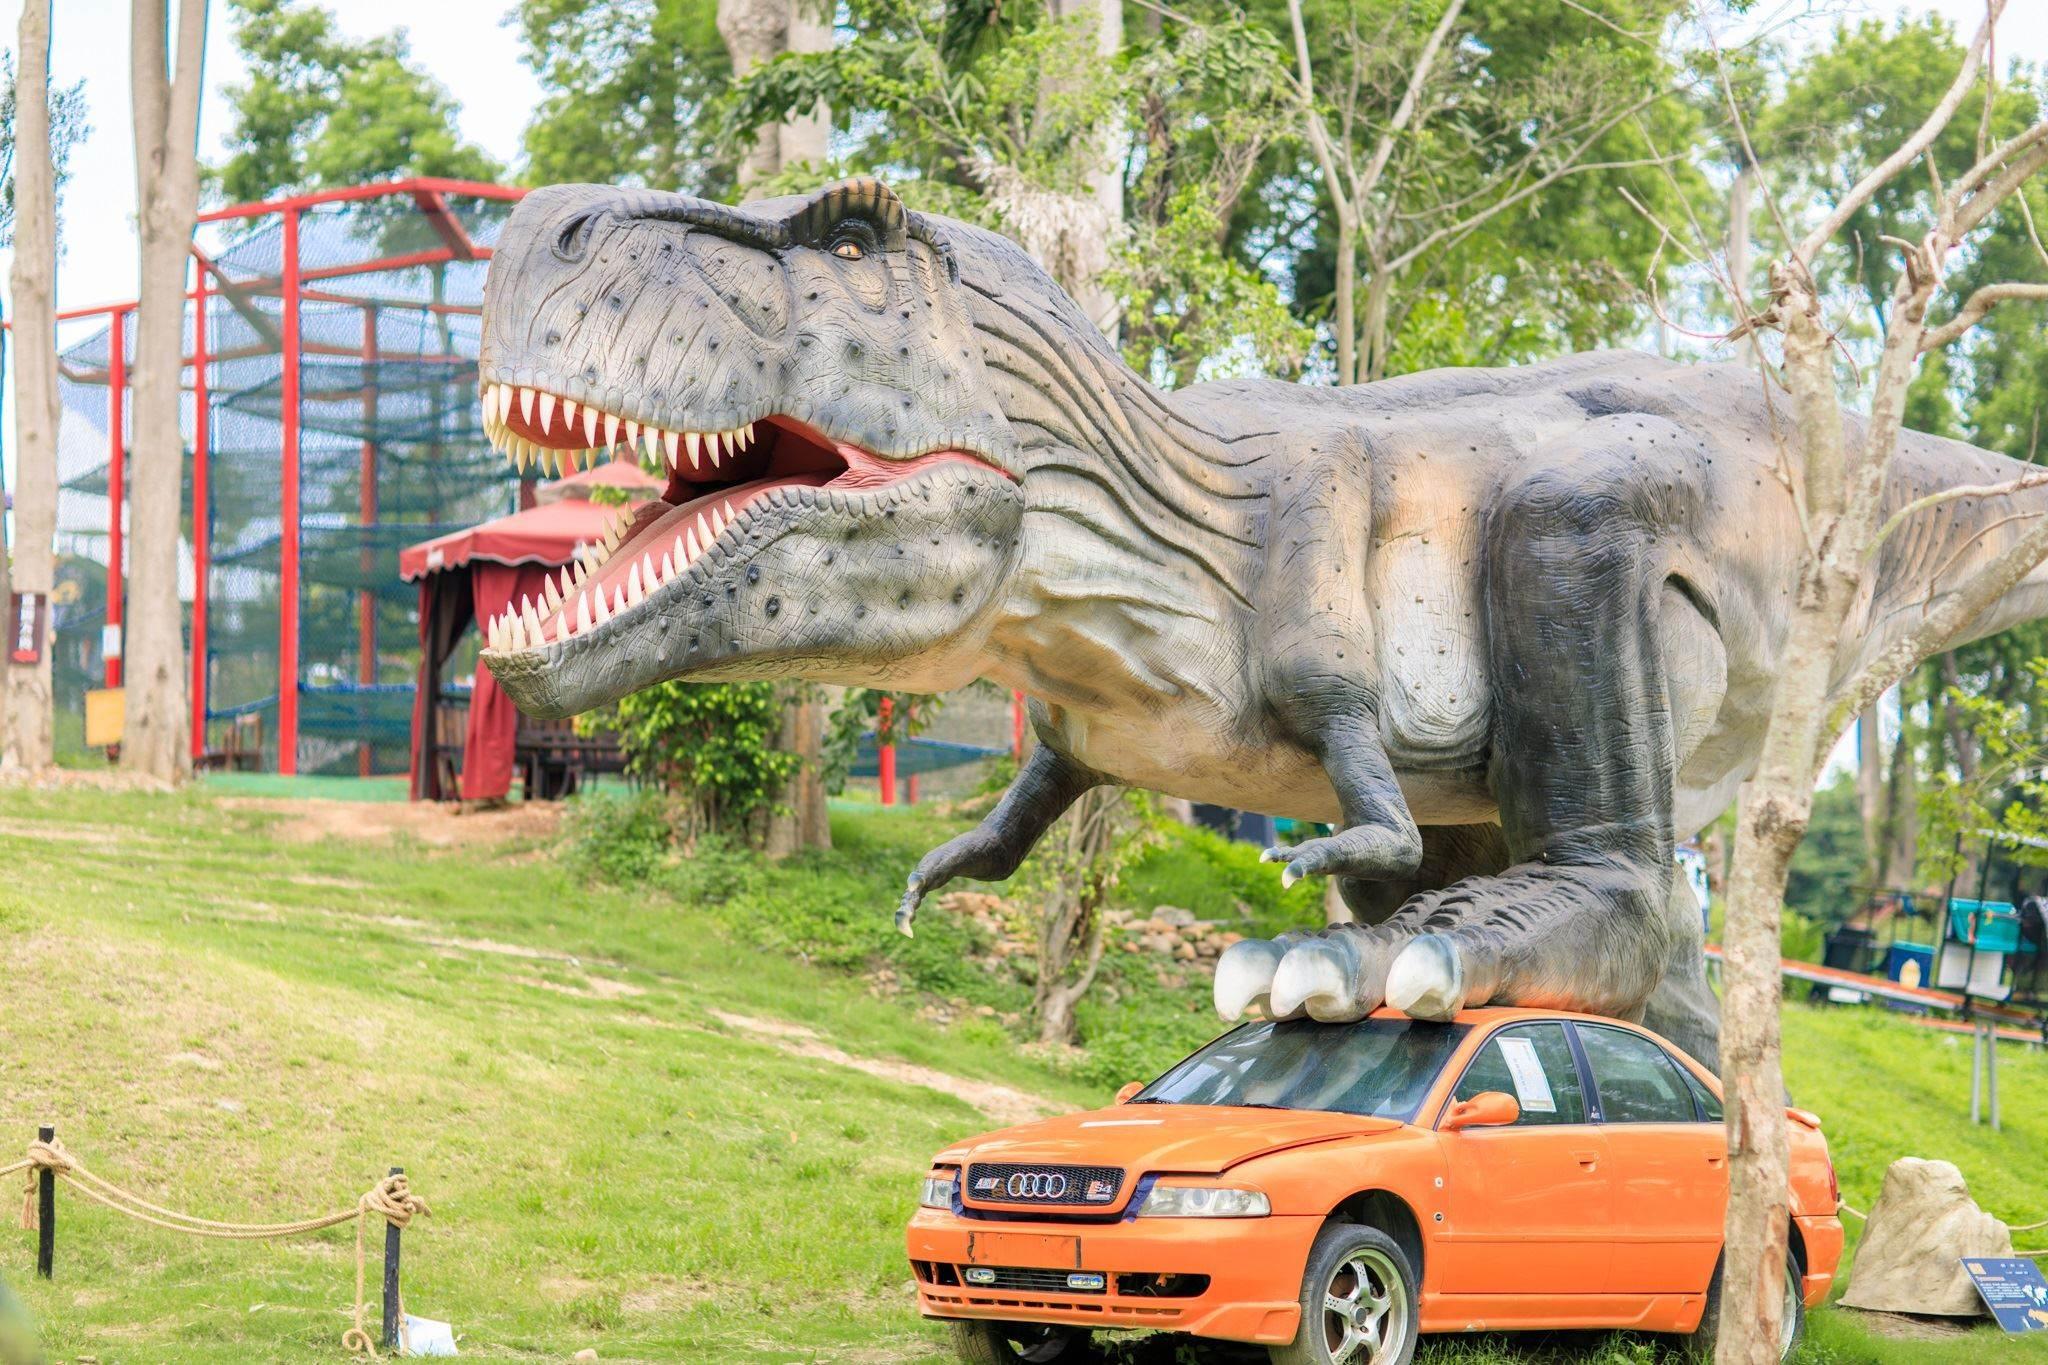 逗趣又逼真的恐龍雕像,吸引各年齡層的恐龍迷爭相搶拍。圖/彰化旅遊資訊網